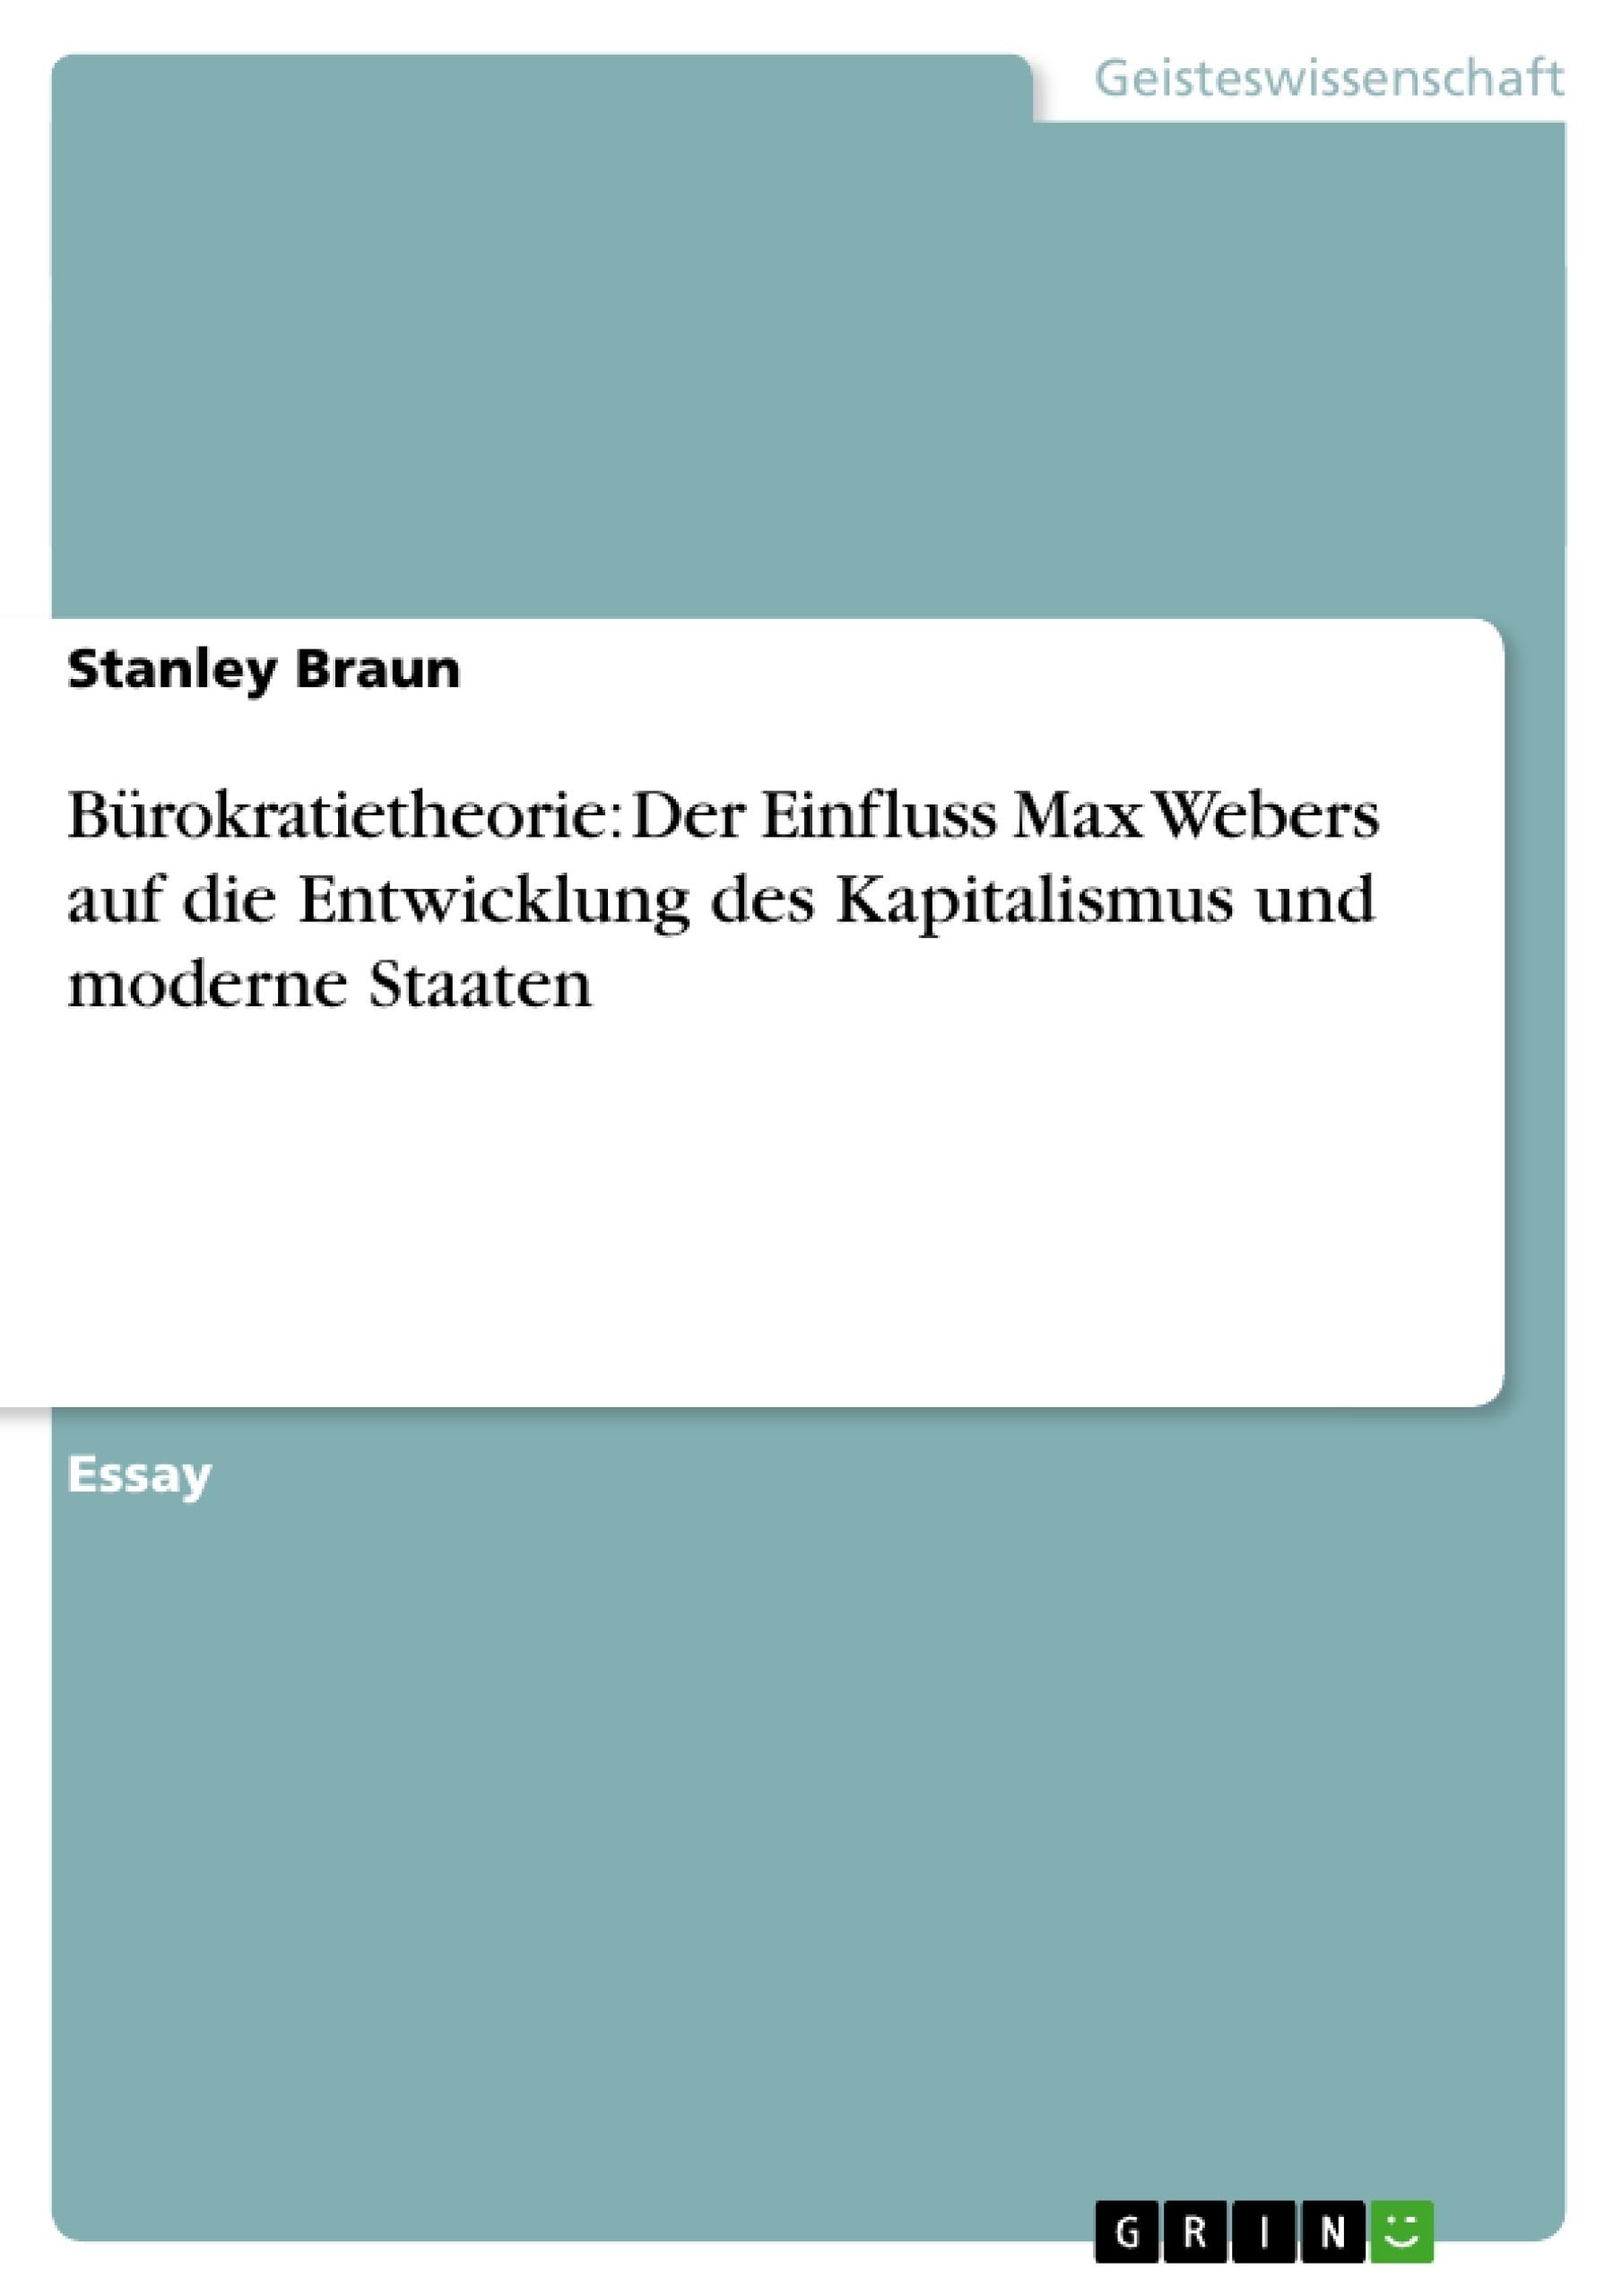 Titel: Bürokratietheorie: Der Einfluss Max Webers auf die Entwicklung des Kapitalismus und moderne Staaten